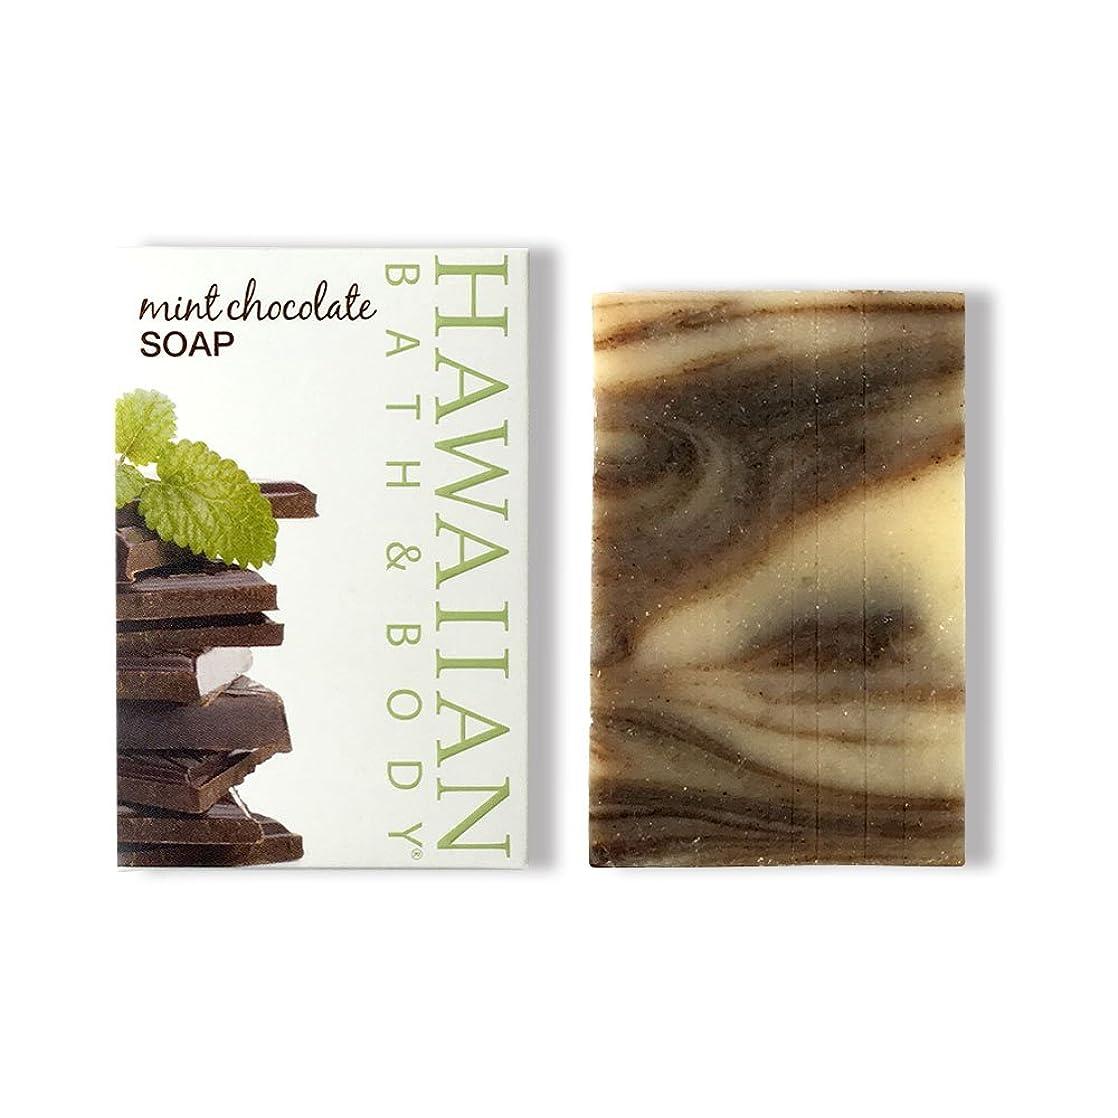 嵐の親愛なラジウムハワイアンバス&ボディ ハワイアン?ミントチョコレートソープ ( Hawaii Mint Chocolate Soap )